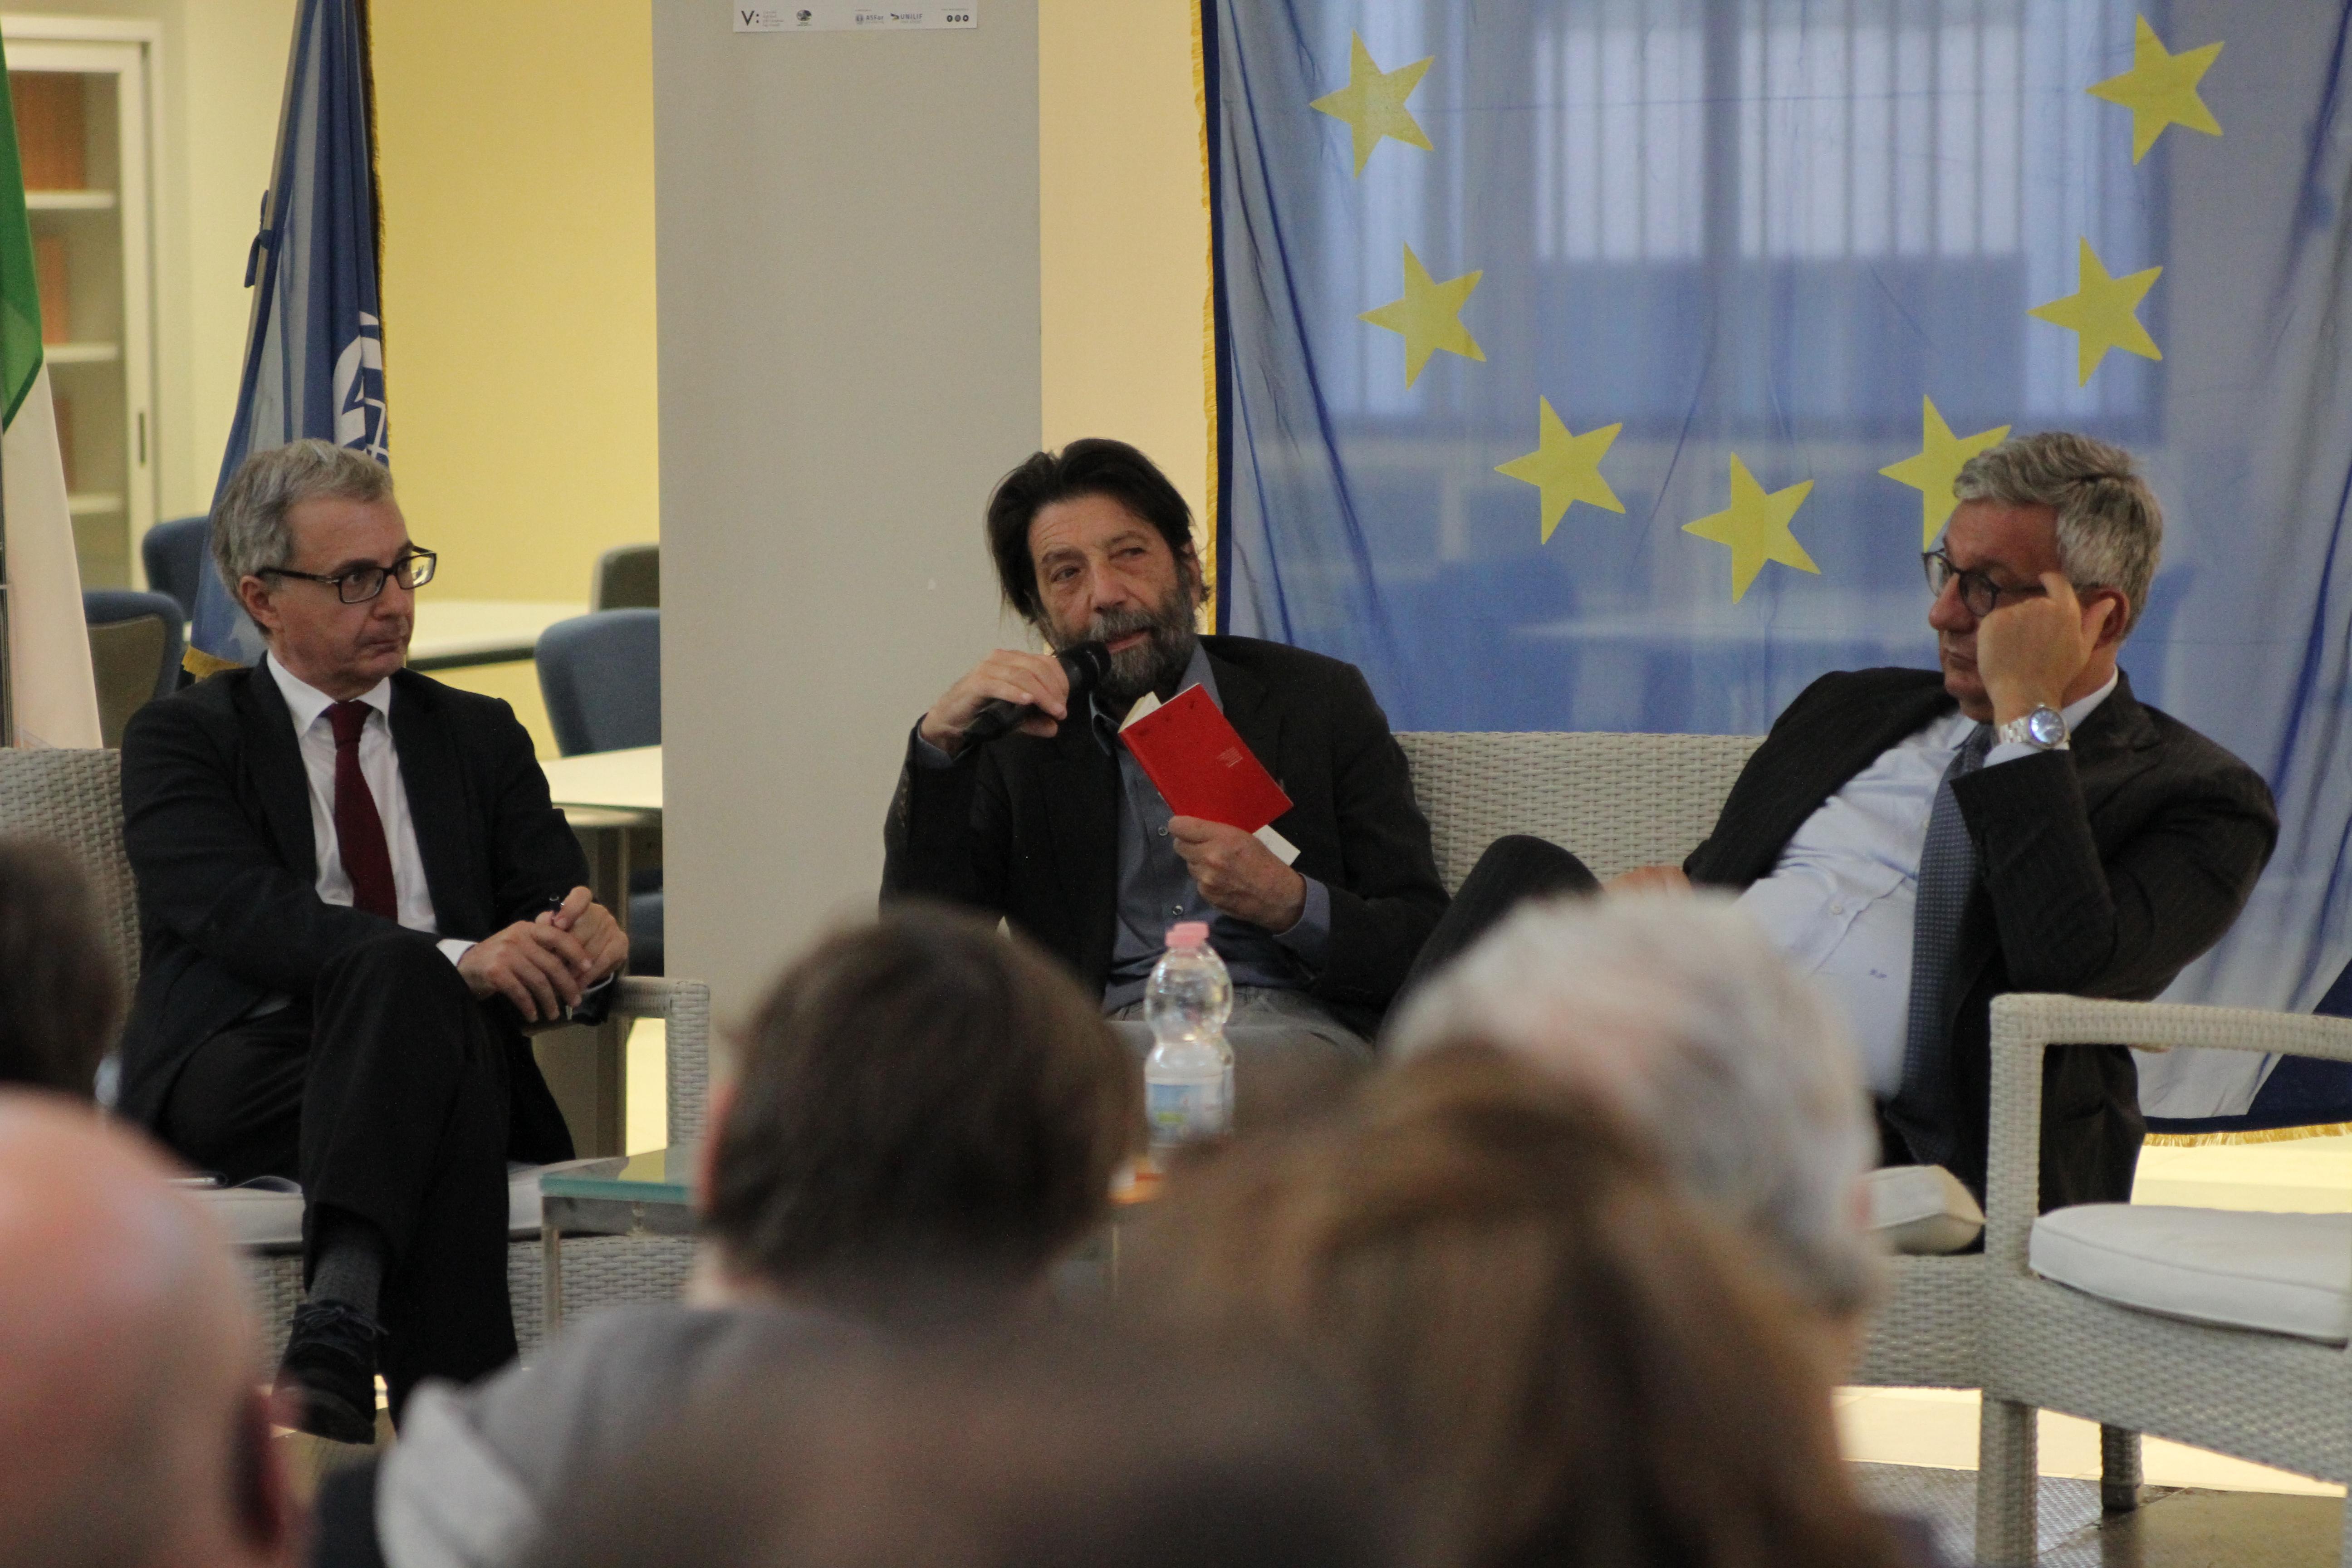 GFCG2742 EUROPA: INIZIO O FINE? LA LECTIO MAGISTRALIS CON MASSIMO CACCIARI, LA FOTOGALLERY